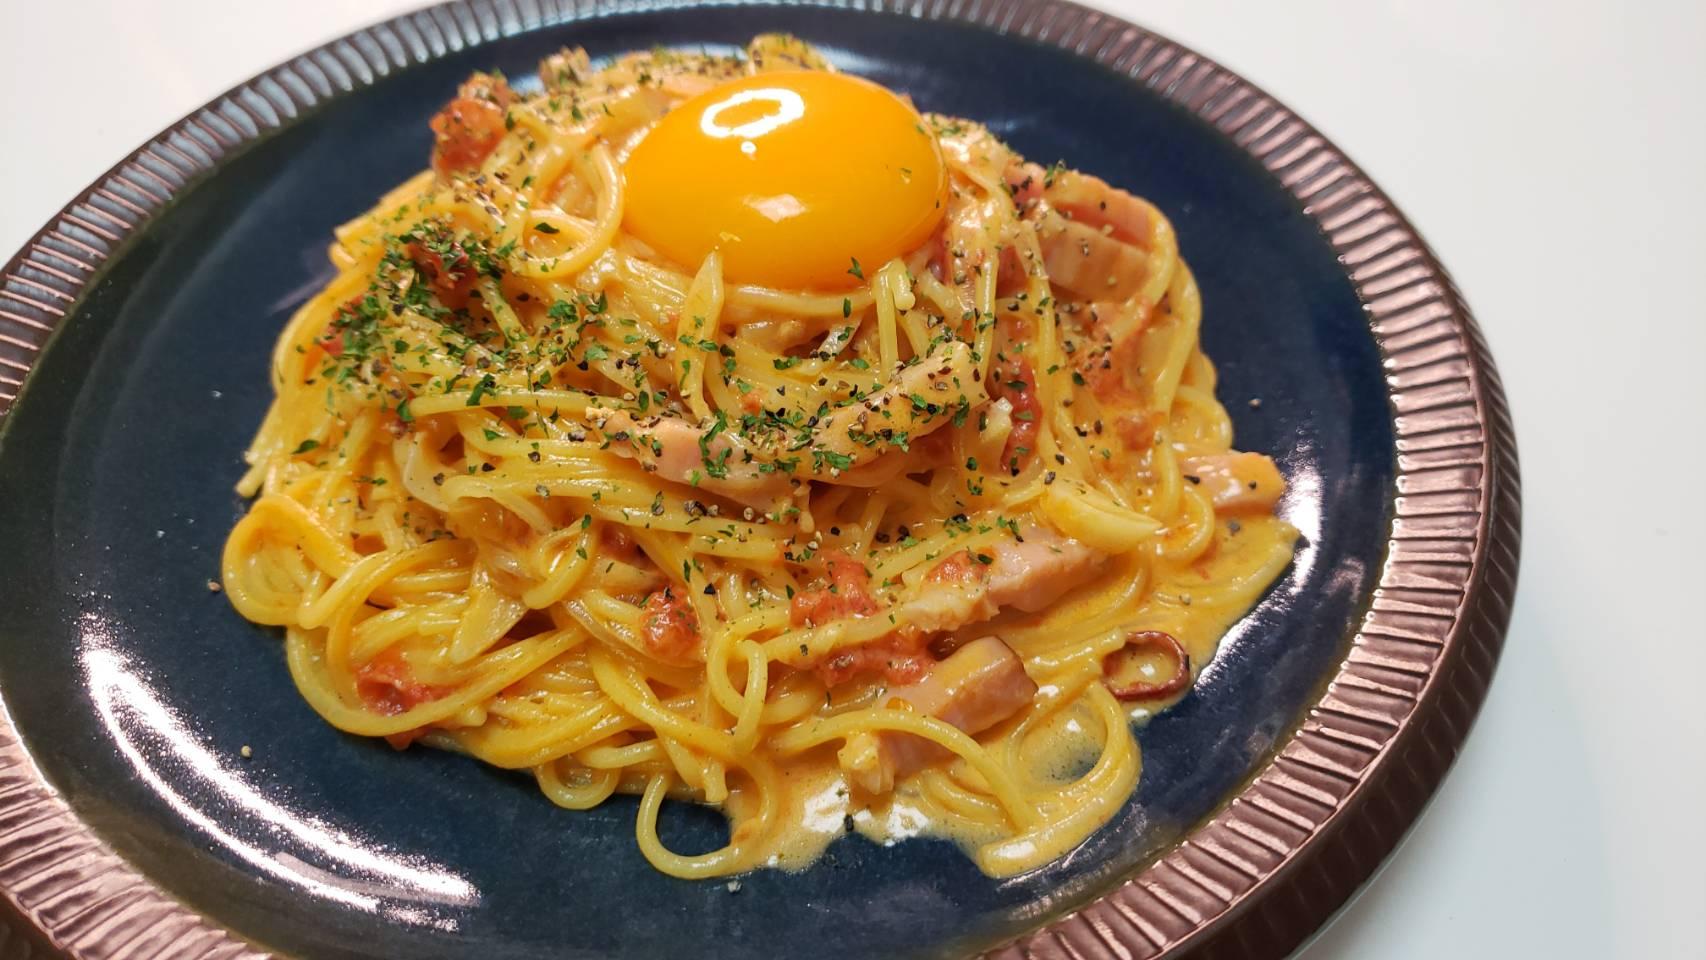 バズレシピ・リュウジさんの簡単レシピ。レンジなのにまるで専門店の味!! 「チリトマトカルボナーラ」